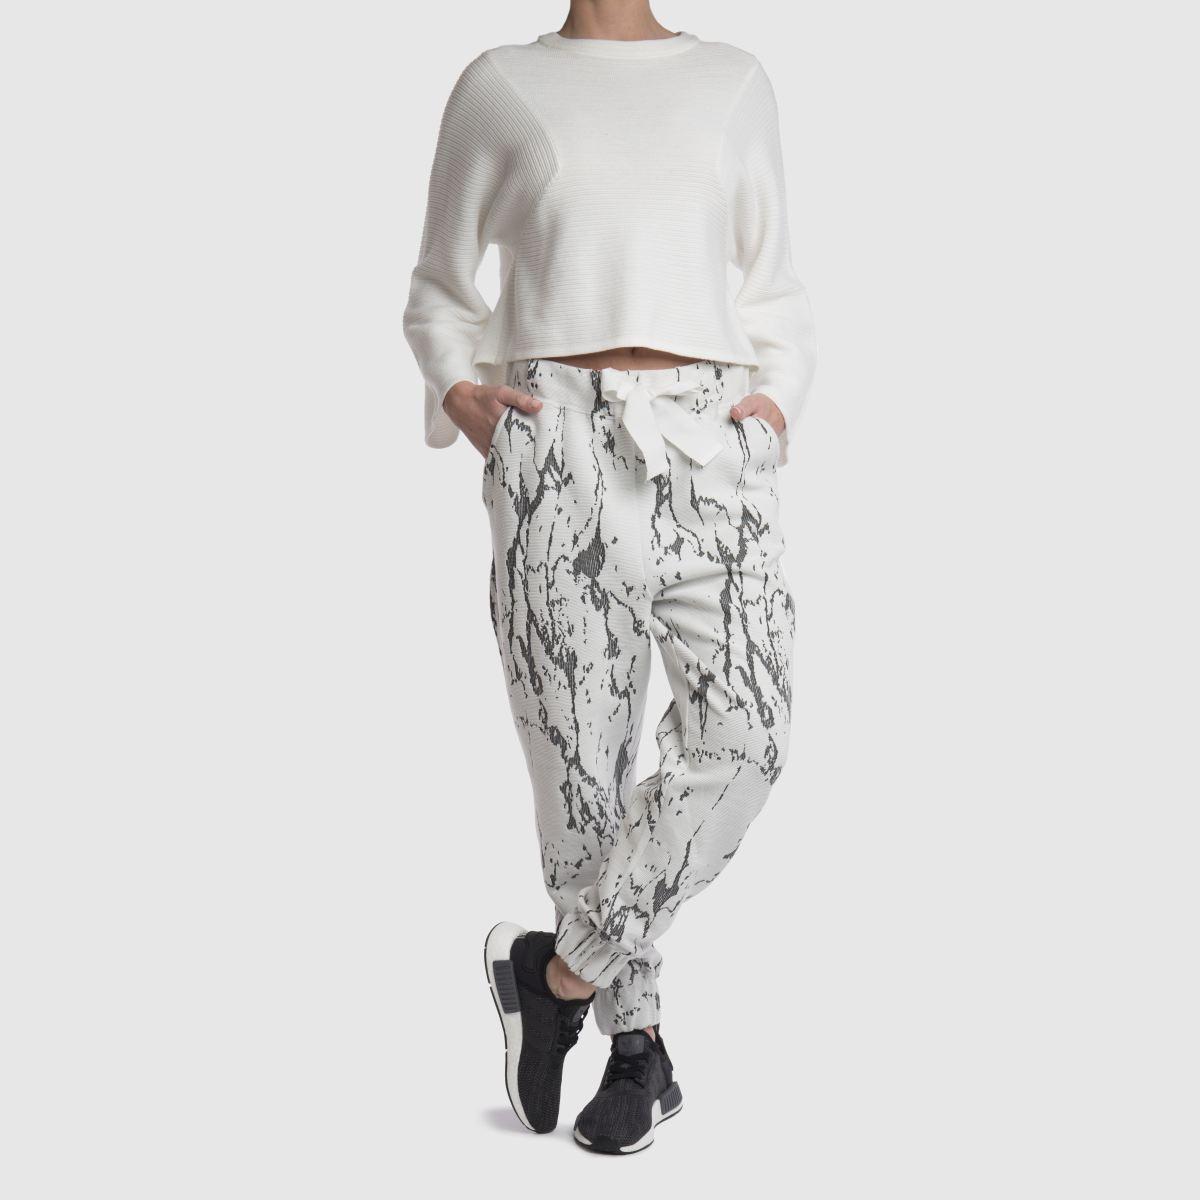 Damen Grau-schwarz adidas Nmd R1 Sneaker | schuh Gute Qualität beliebte Schuhe